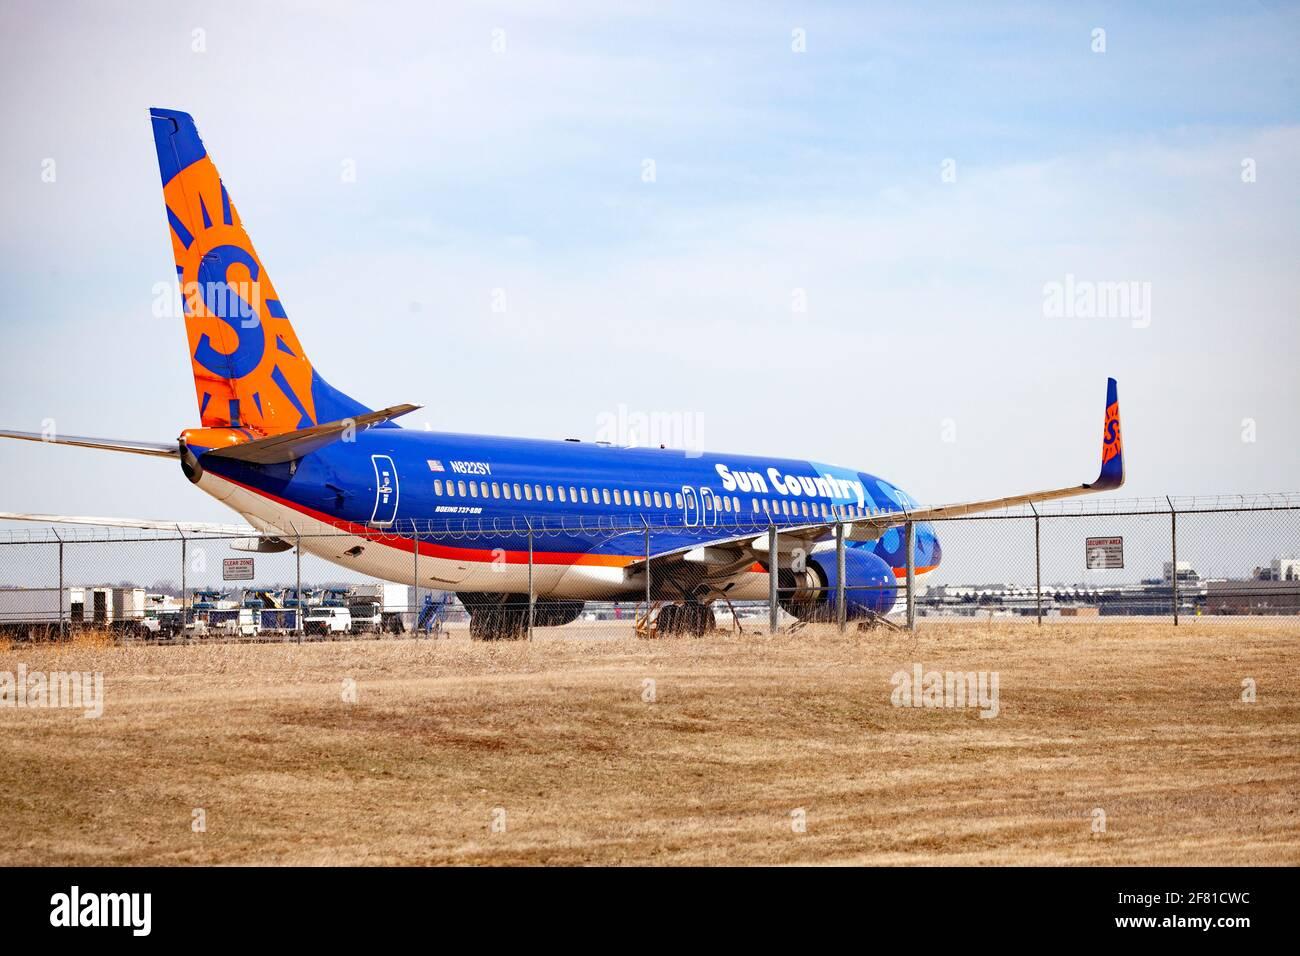 El colorido avión Sun Country aparcado en el delantal en el Aeropuerto Internacional St Paul de Minneapolis. Minneapolis Minnesota MN Estados Unidos Foto de stock